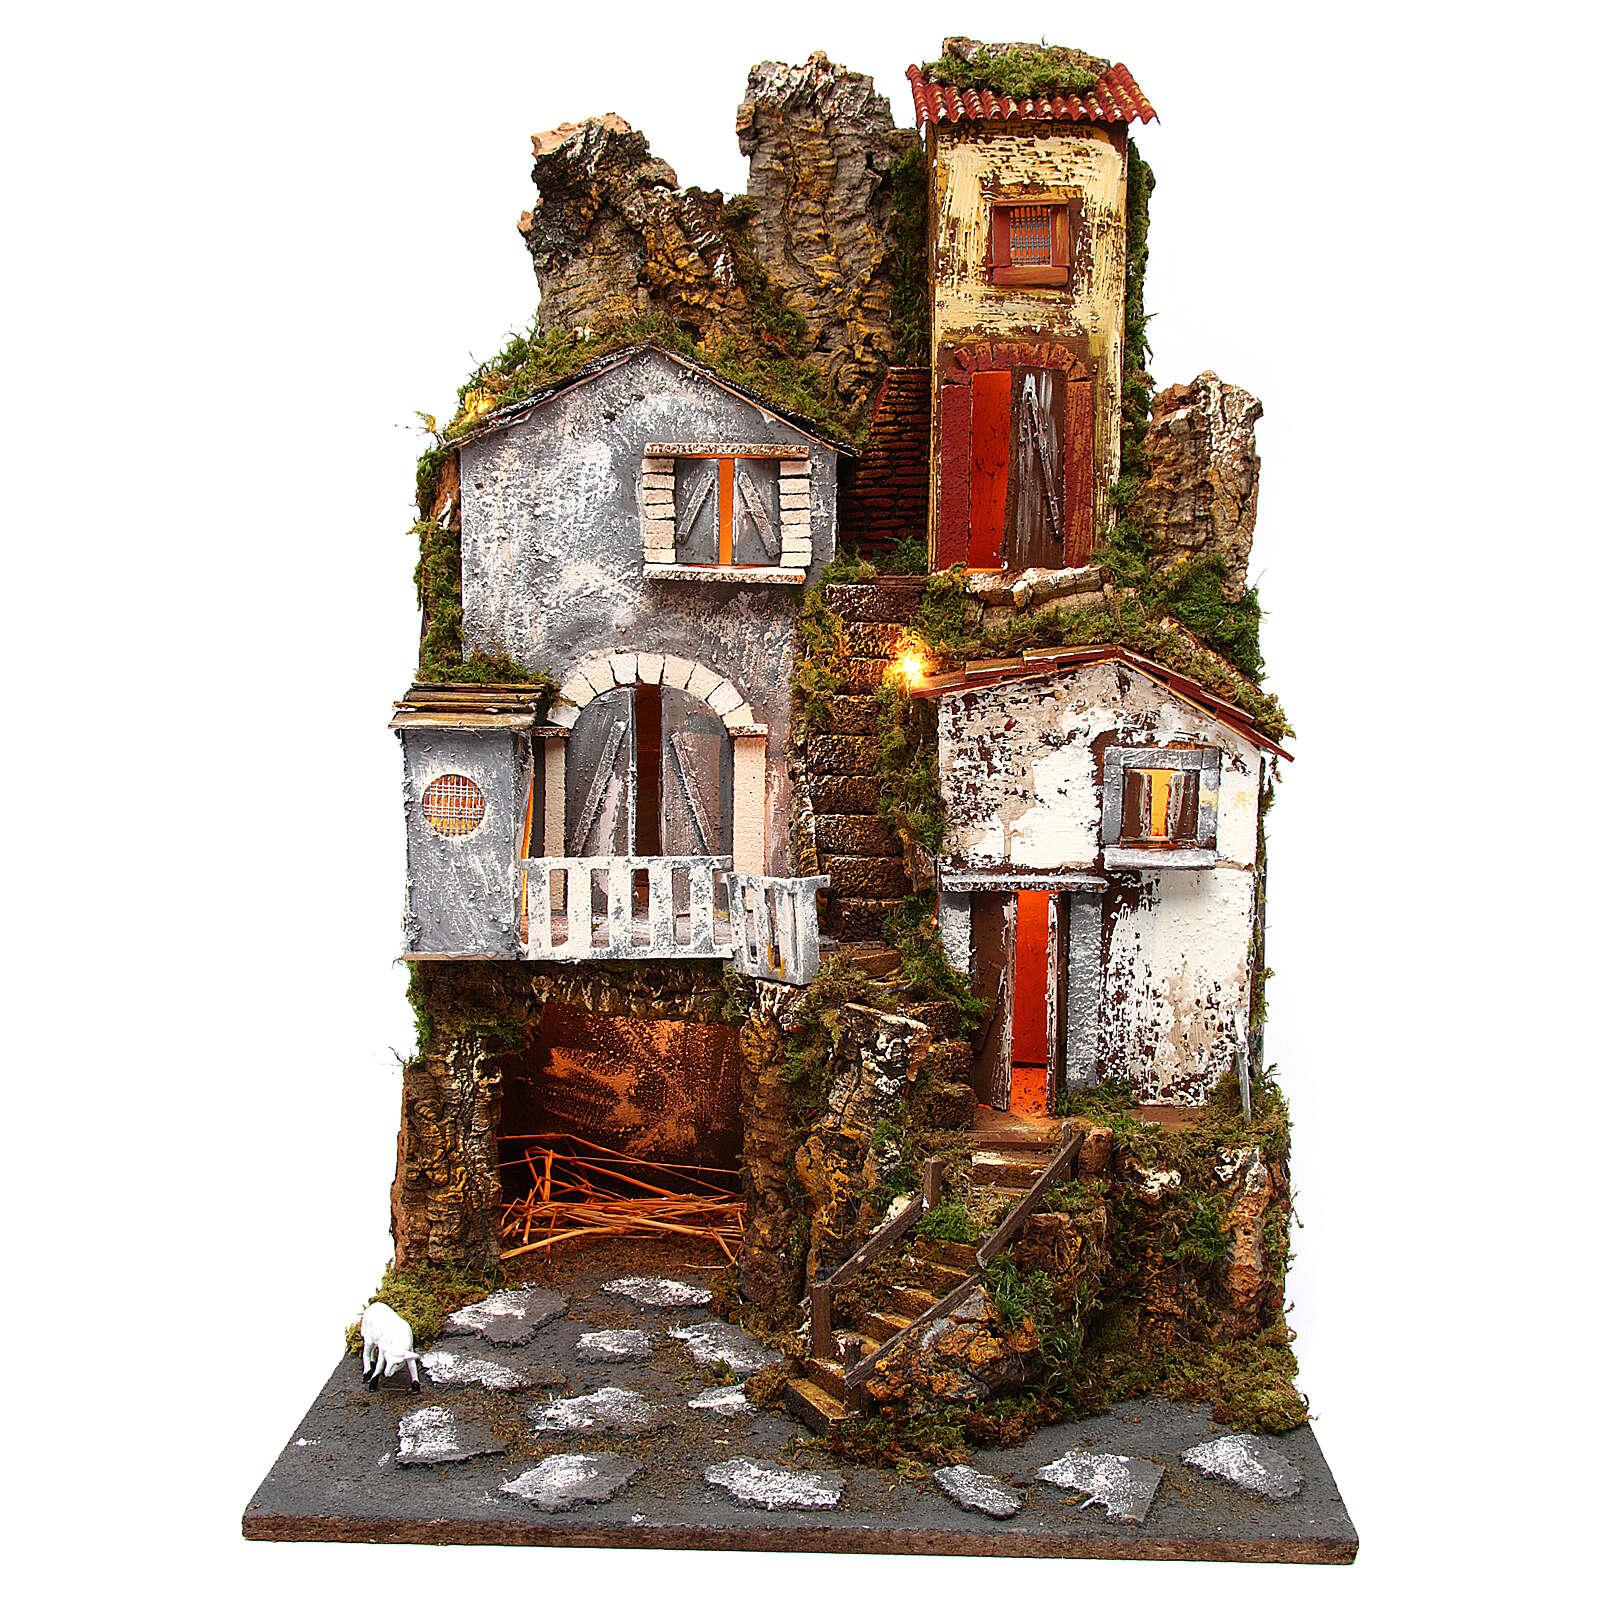 Large village set modular classic style 70x180x50 cm statues 10 cm 4